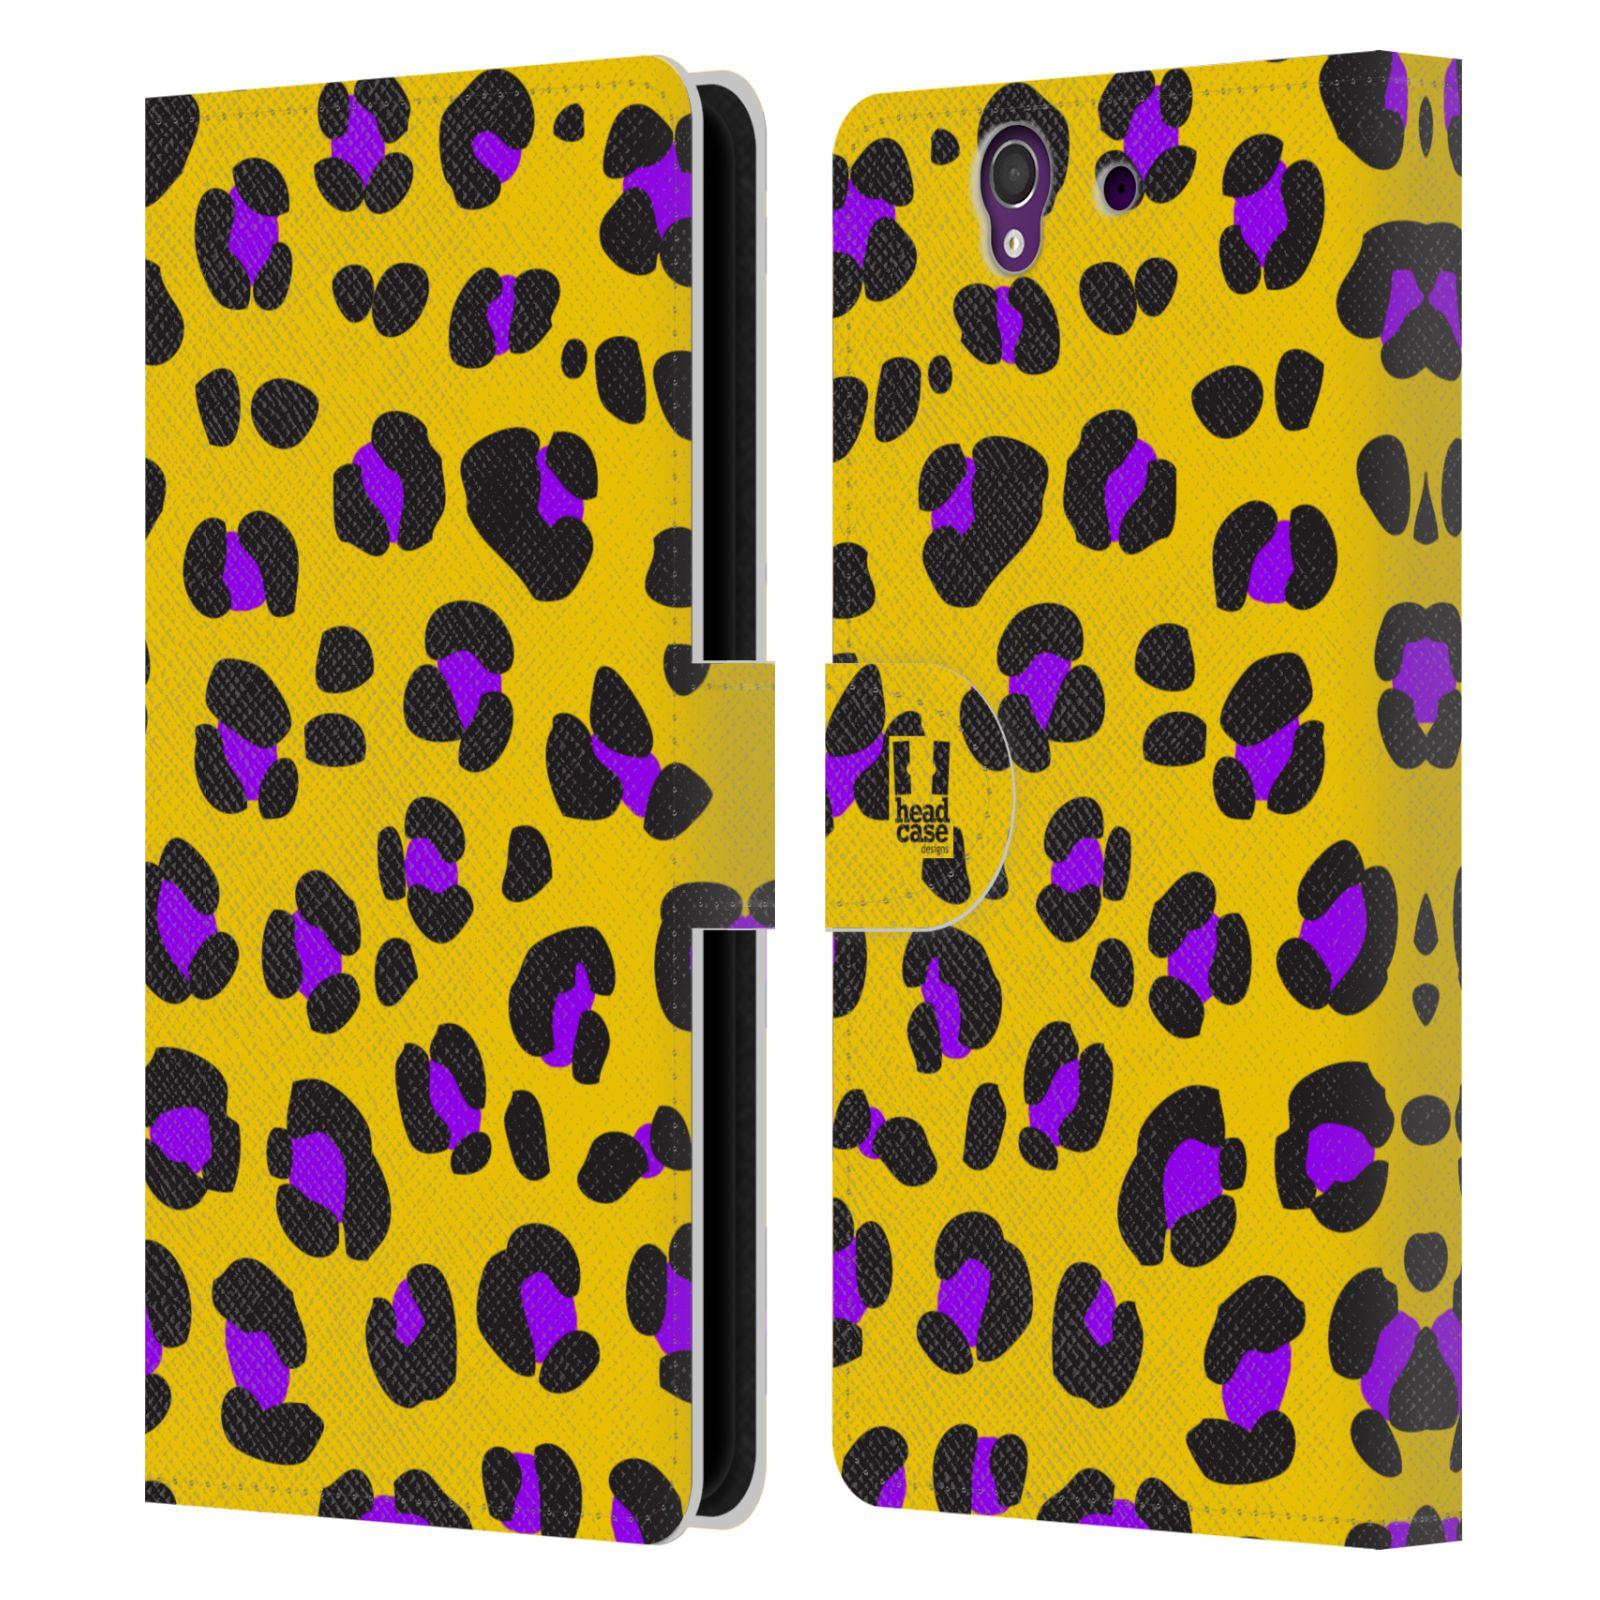 HEAD CASE Flipové pouzdro pro mobil SONY XPERIA Z (C6603) Zvířecí barevné vzory žlutý leopard fialové skvrny